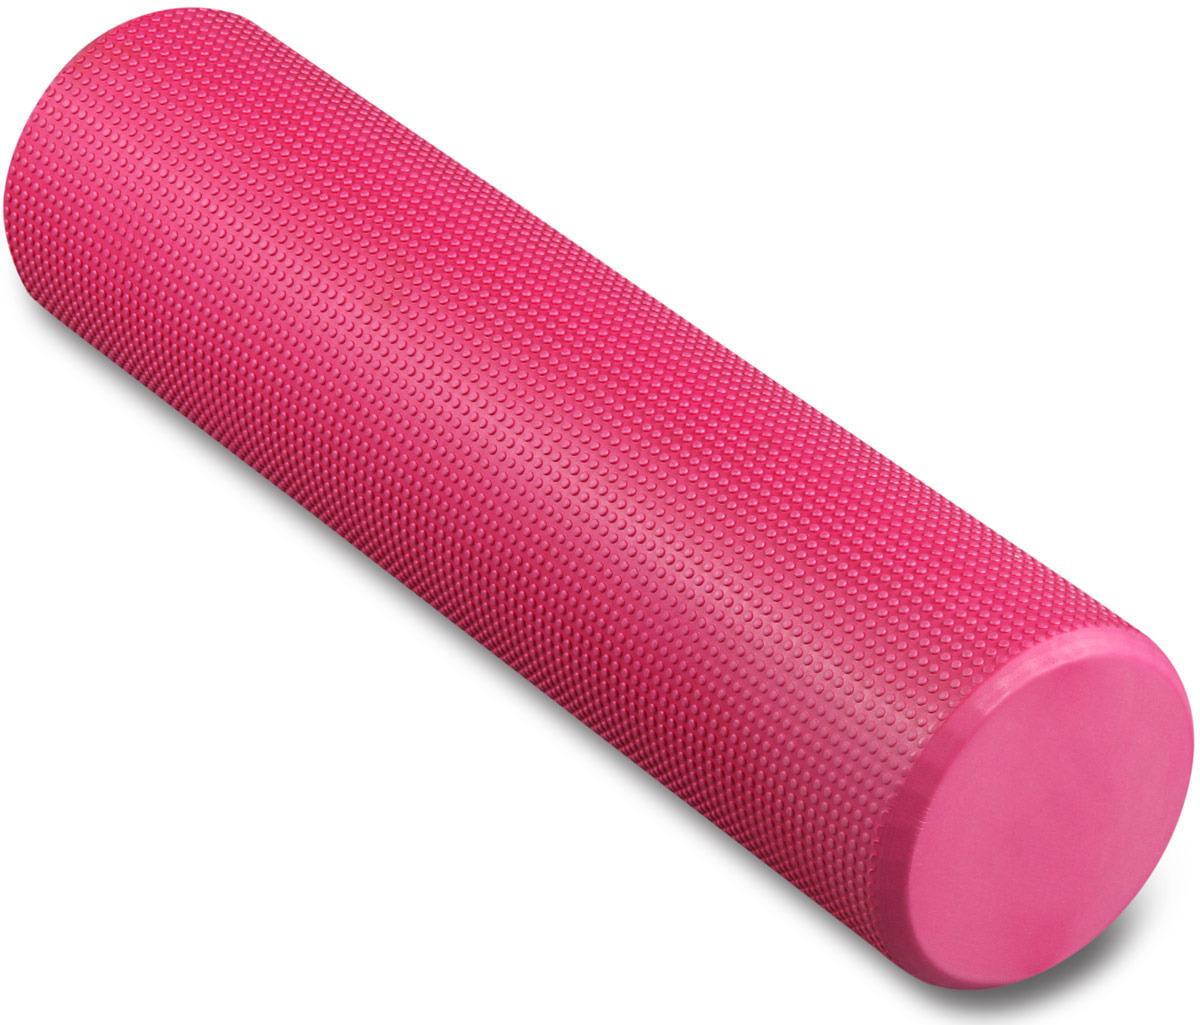 Ролик массажный для йоги Indigo, розовый, 15 х 60 см утяжелитель браслет для рук и ног indigo 2 шт х 0 1 кг